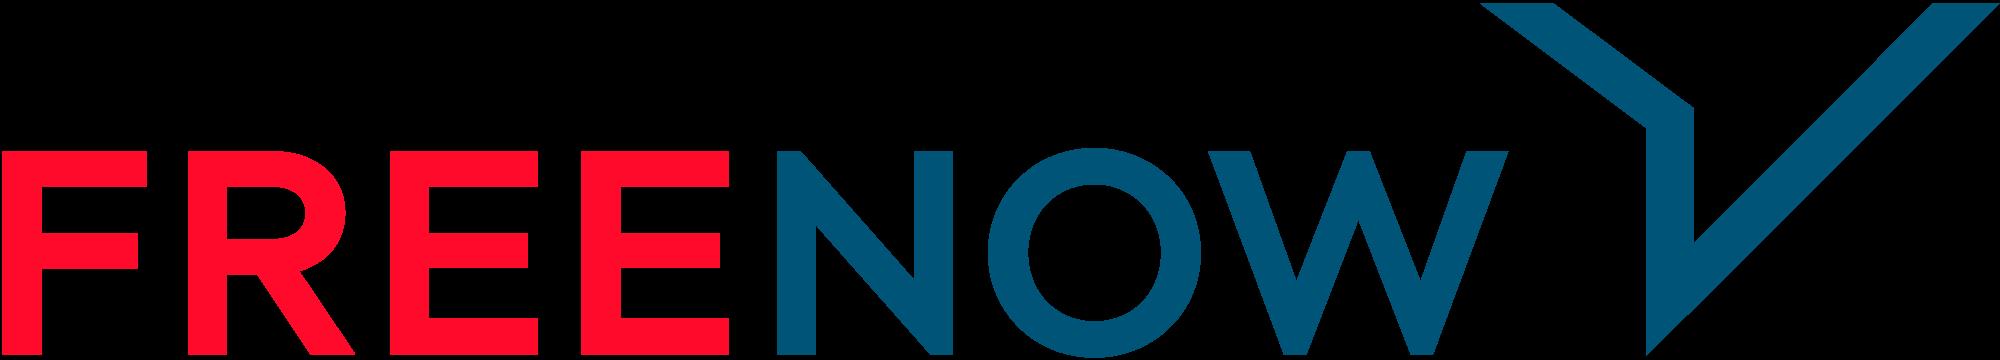 Free Now logo